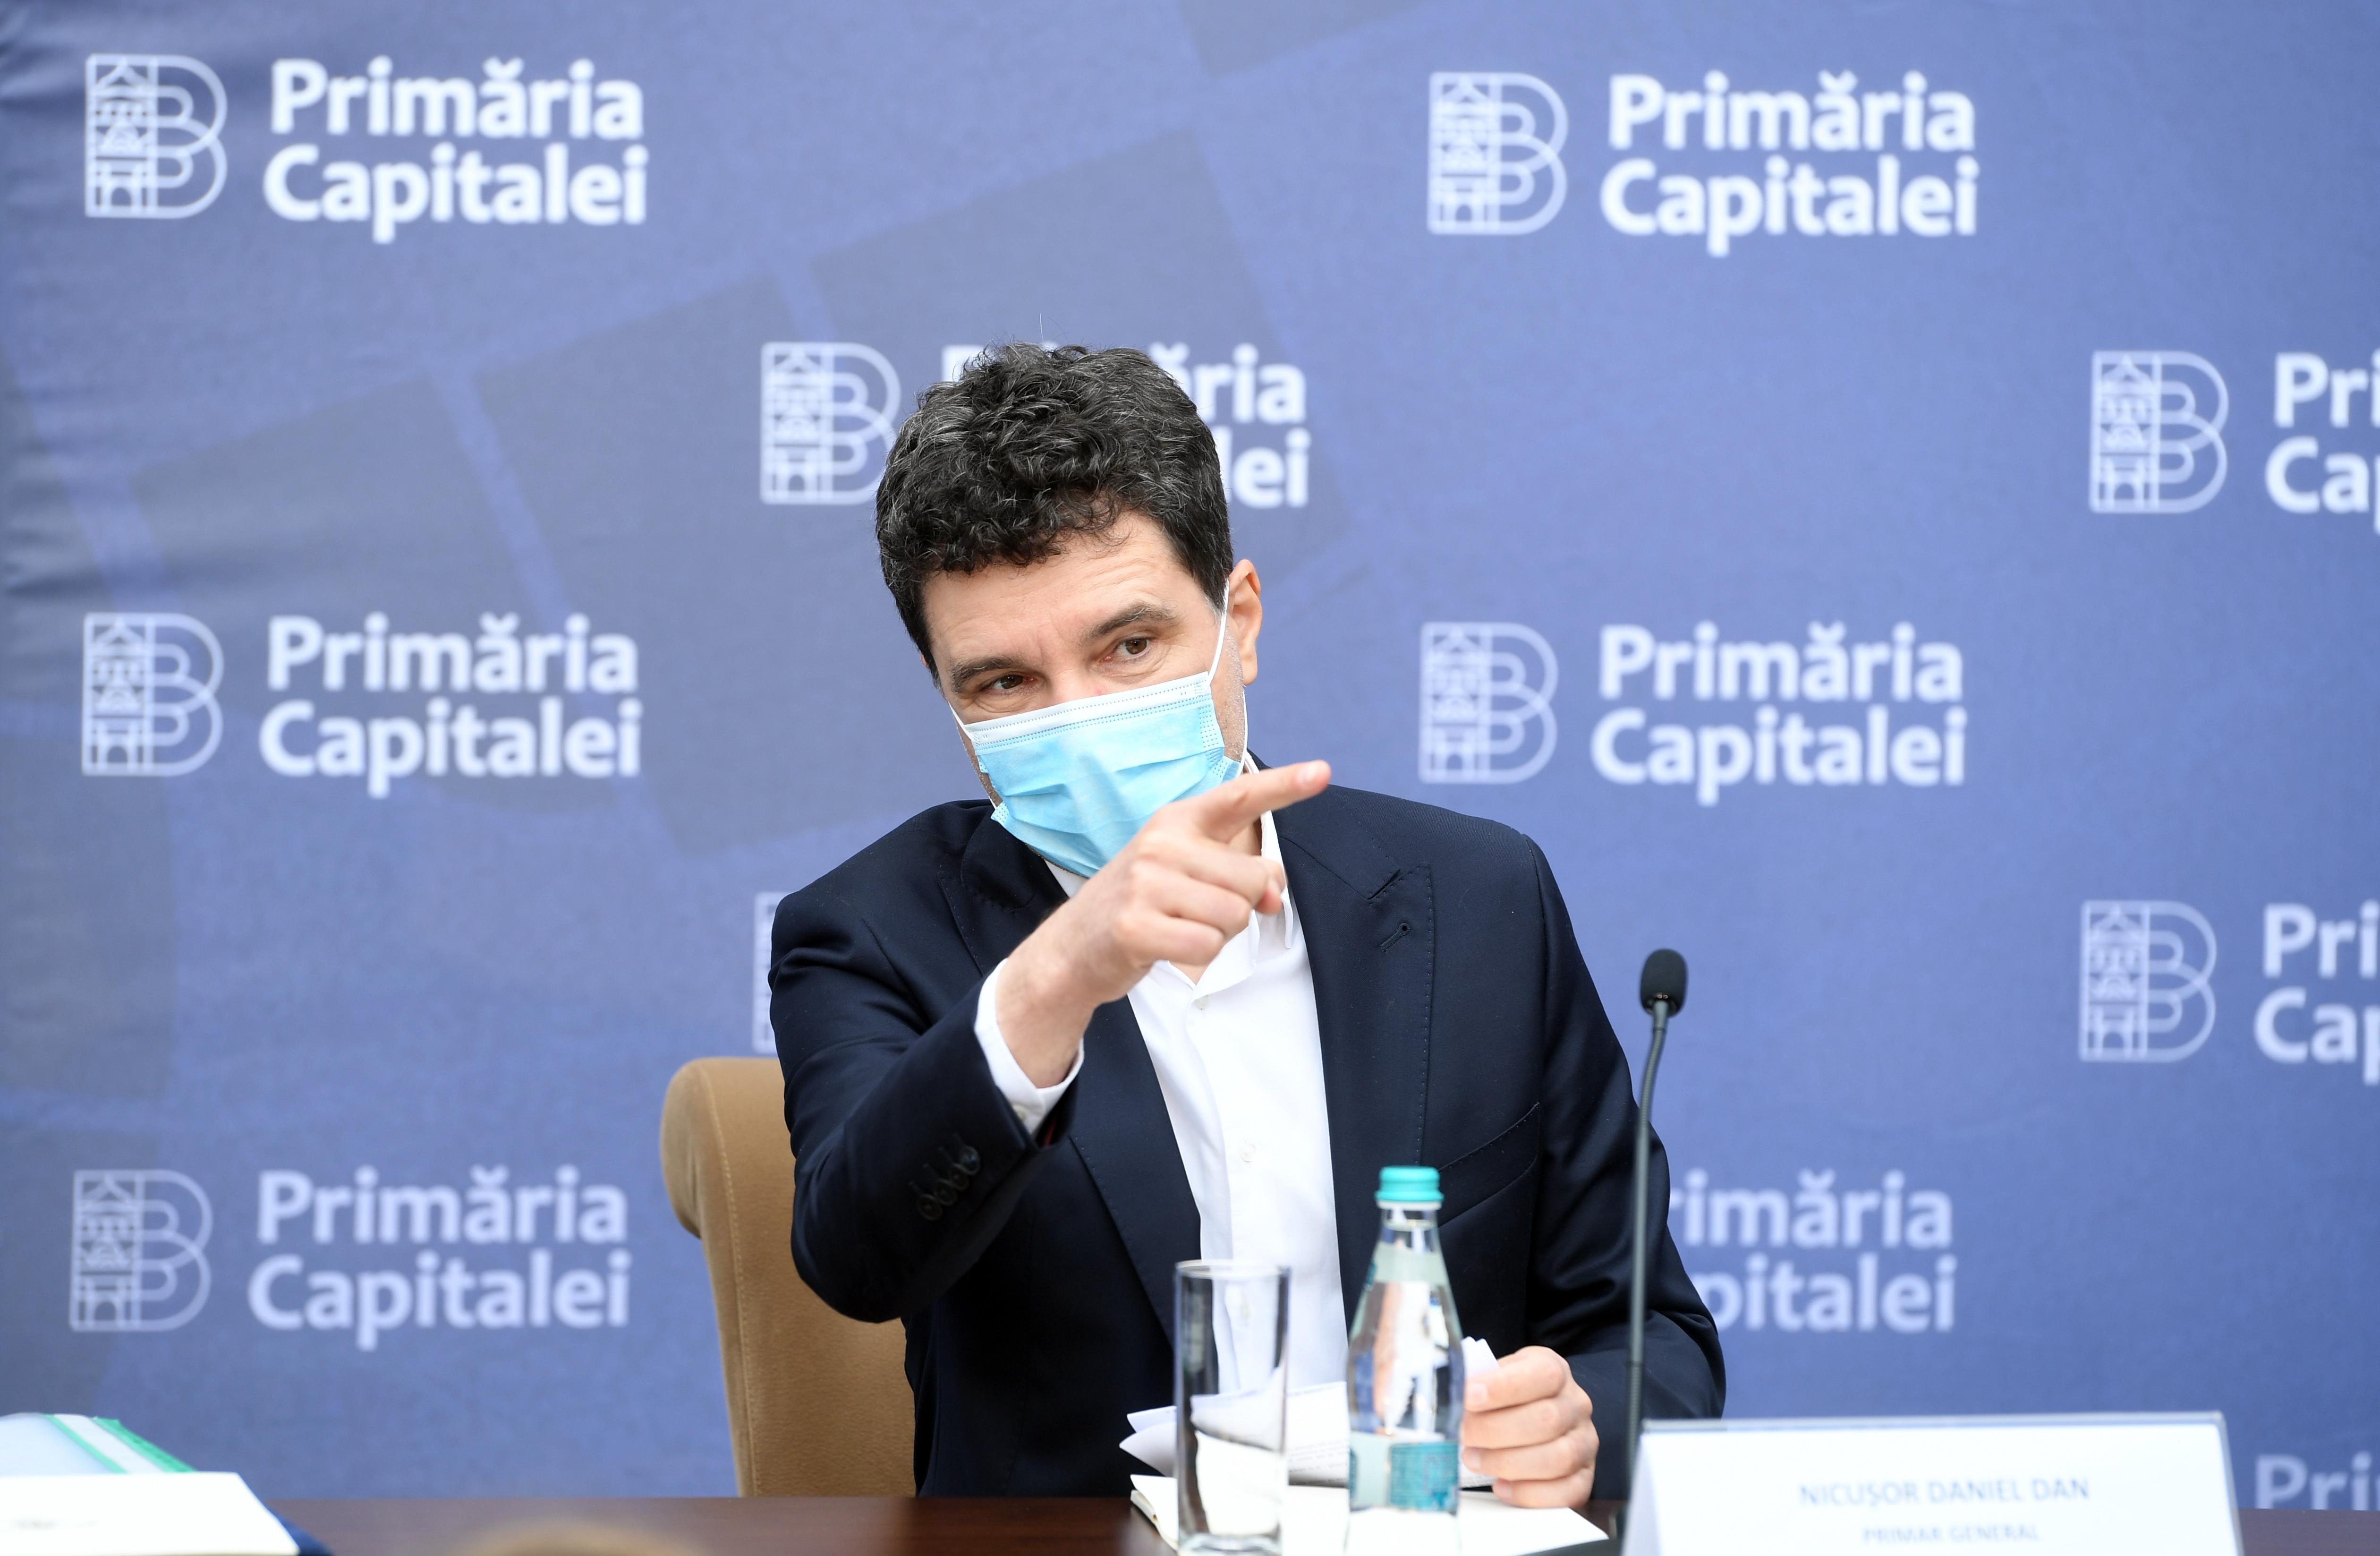 Bucureștiul are datorii de 2,5 miliarde de lei: